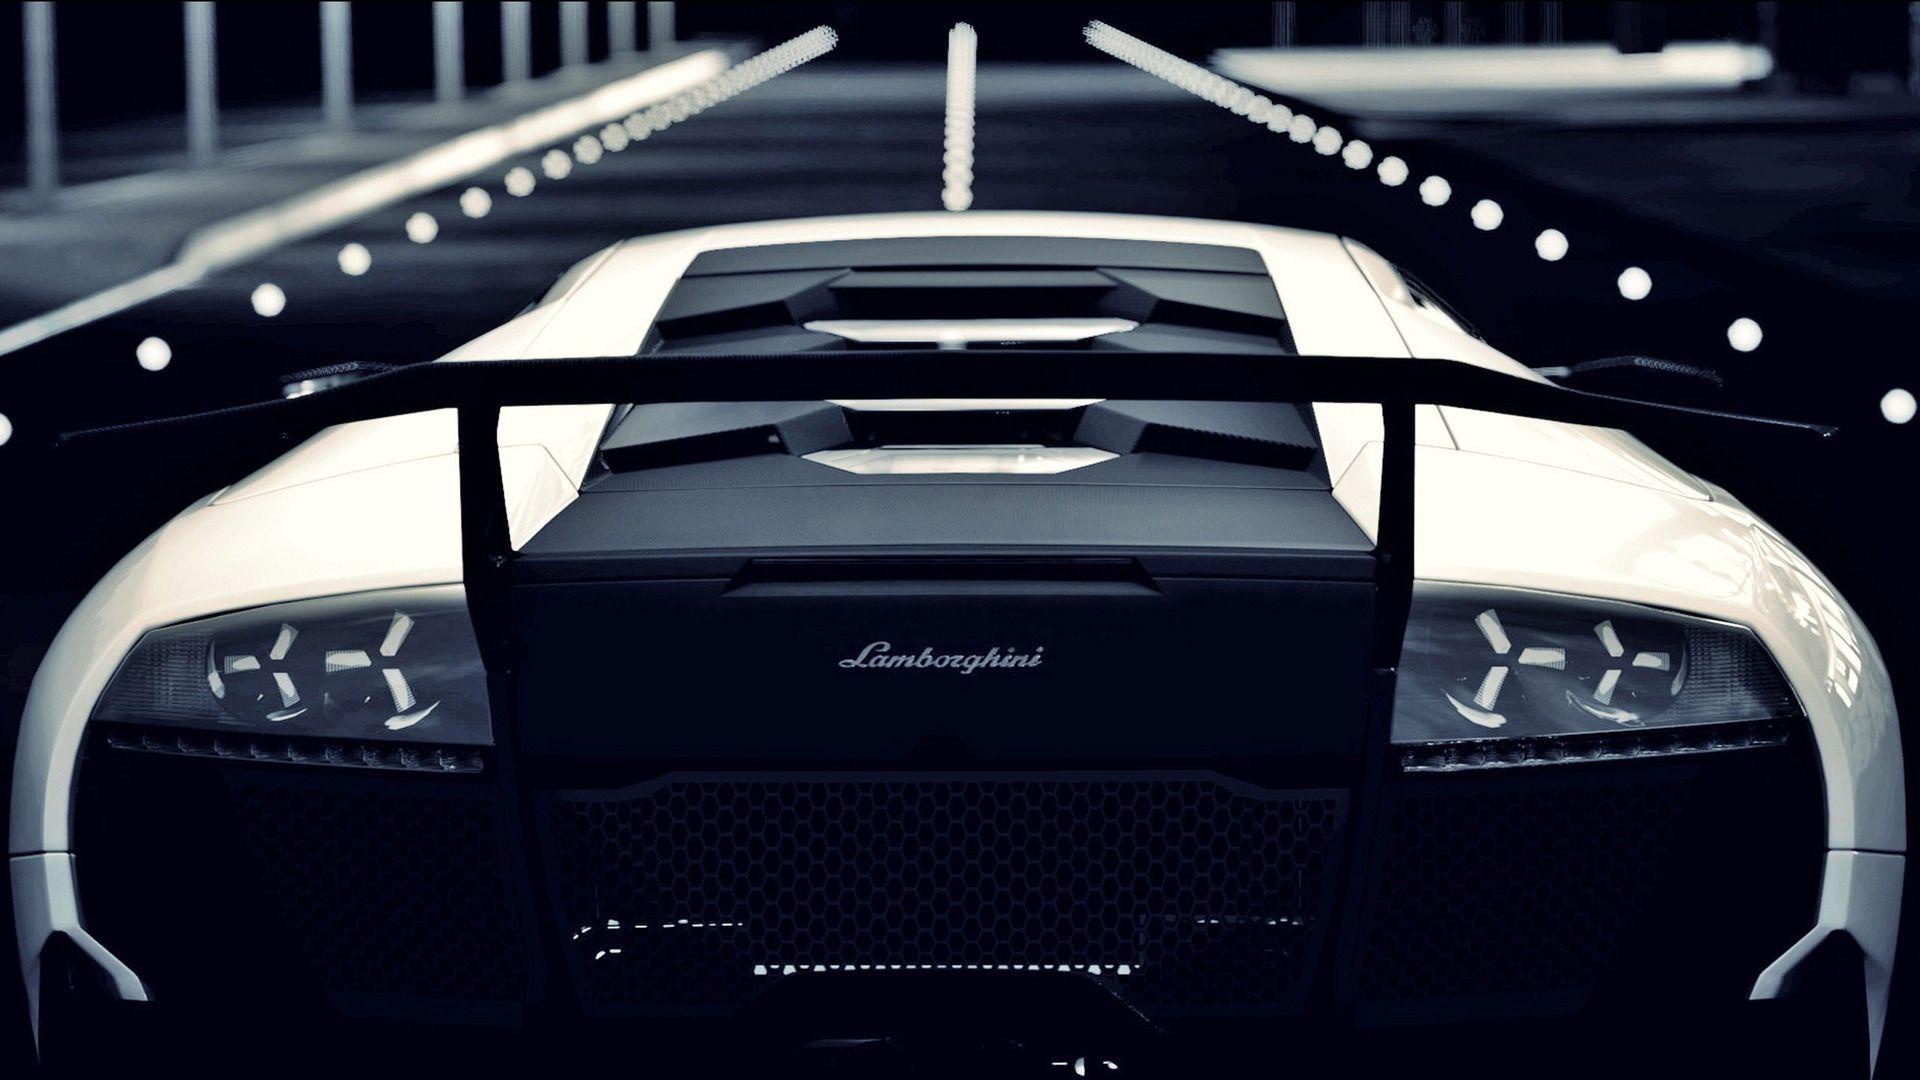 Lamborghini Murcielago Sports Car At Http Www Hdwallcloud Com Lamborghini Murcielago Sports Car Lamborghini Cars Lamborghini Lamborghini Murcielago